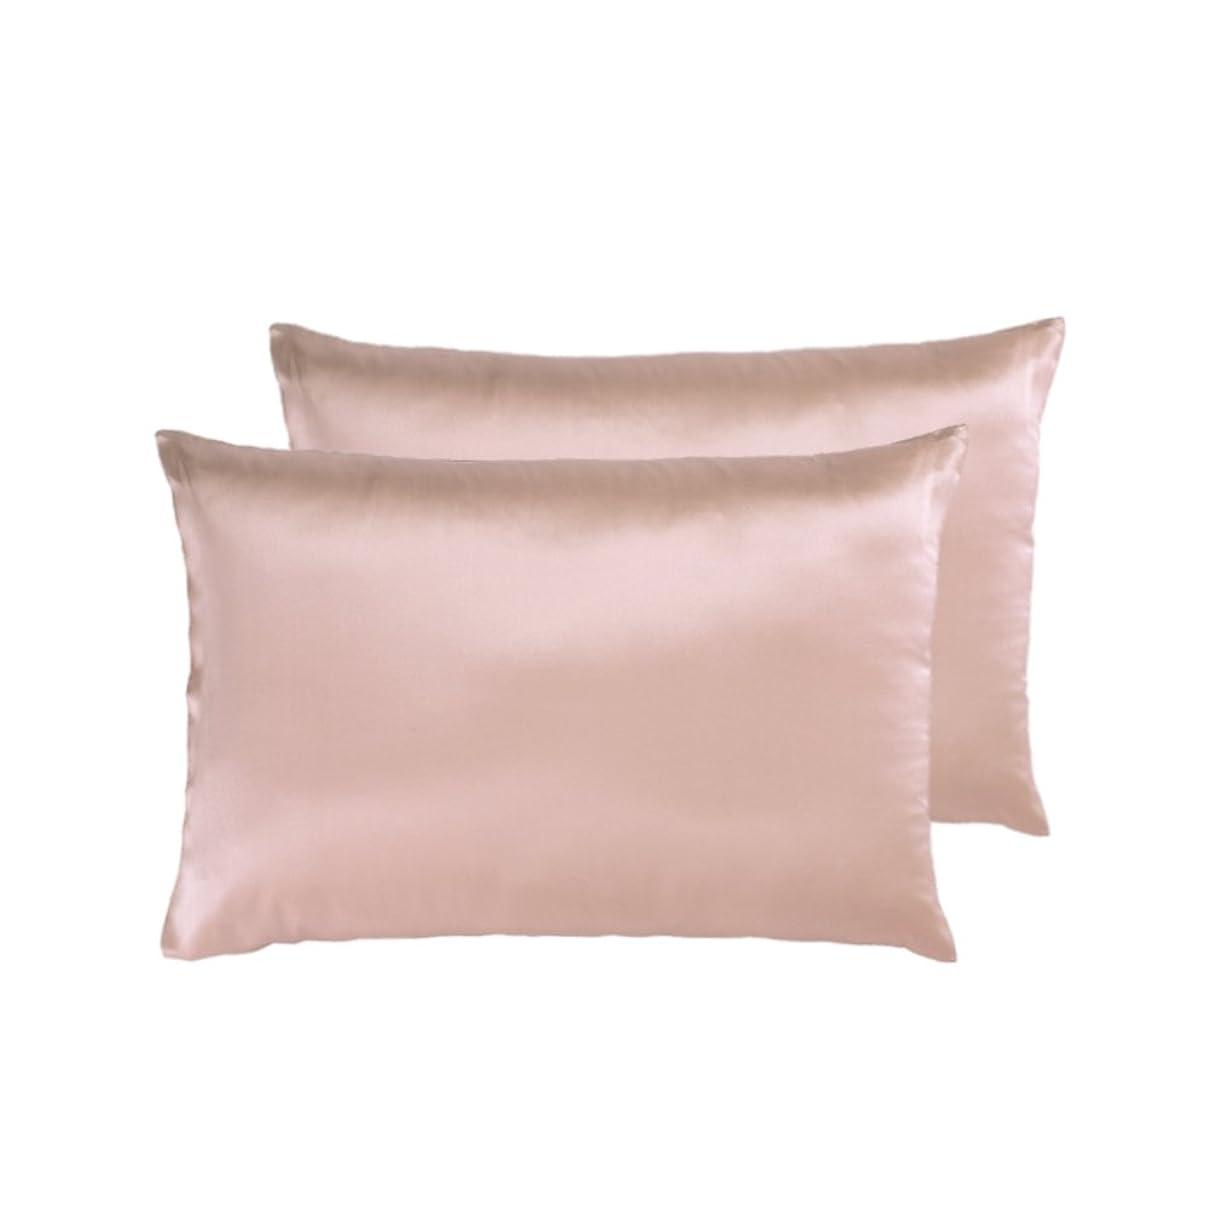 反逆まだ破滅的なシルクまくらカバー 両面絹 枕カバー 43 63 枕头套   22匁 封筒式 ピローケース   ピンク 2枚